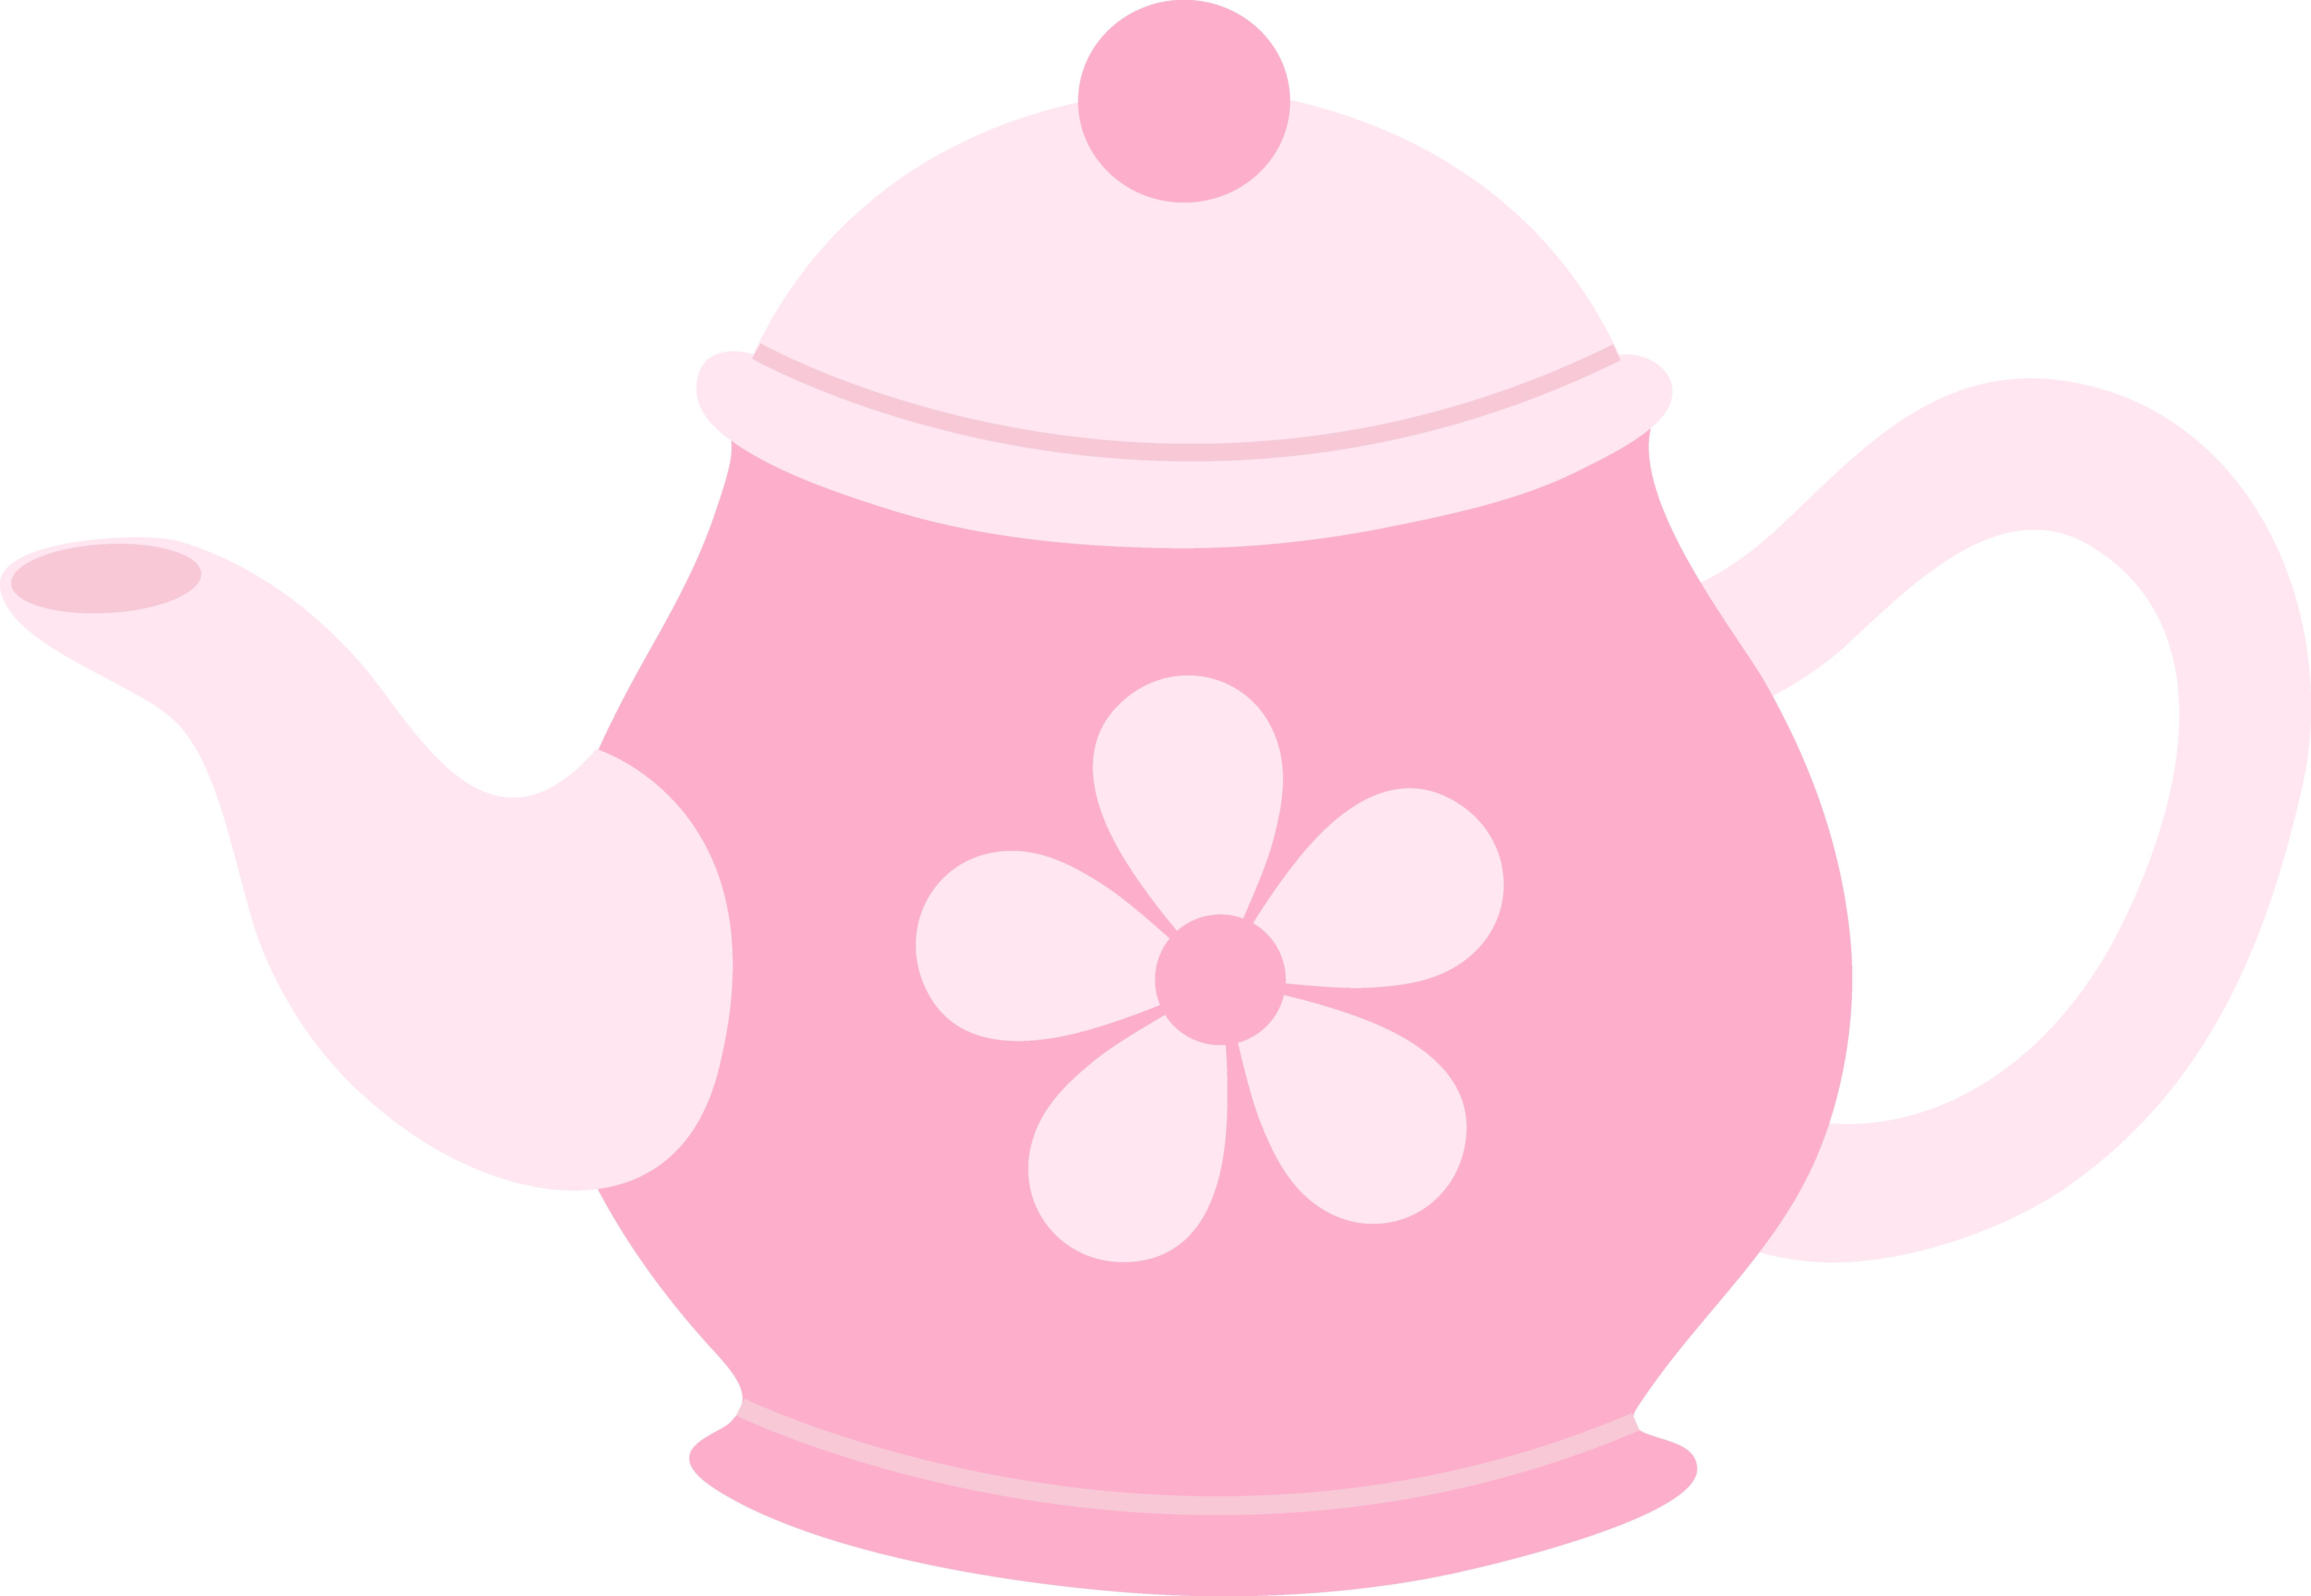 Teapot flower pot clipart png stock Pink Teapot With Flower - Free Clip Art png stock